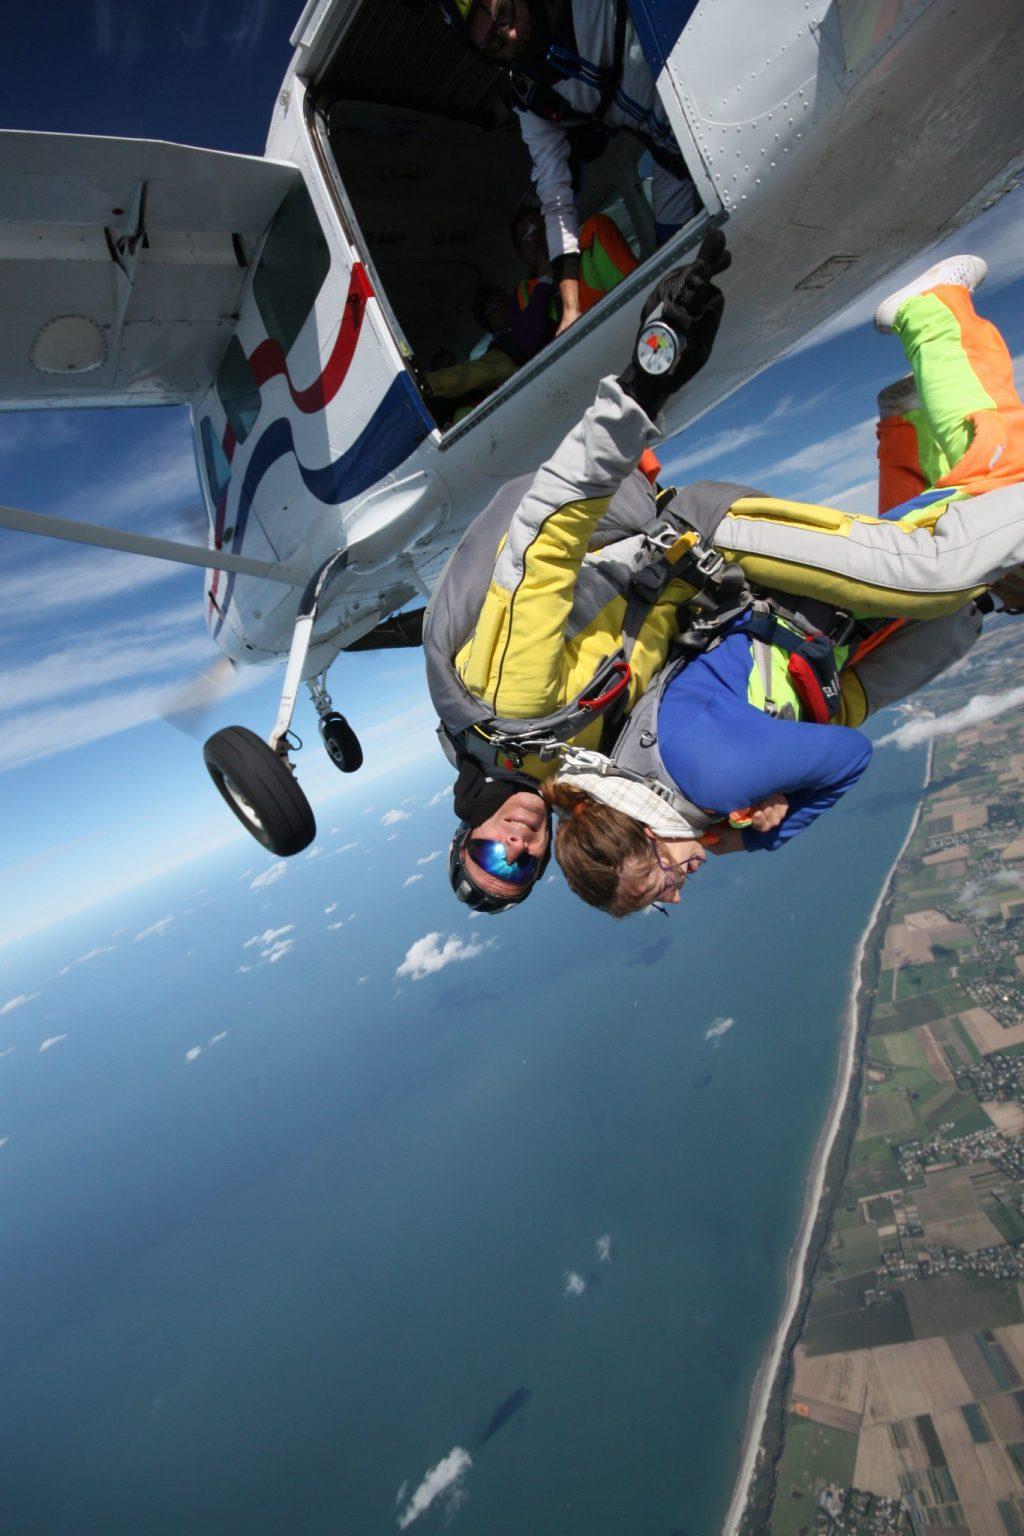 Saut en parachute à la sortie de l'avion